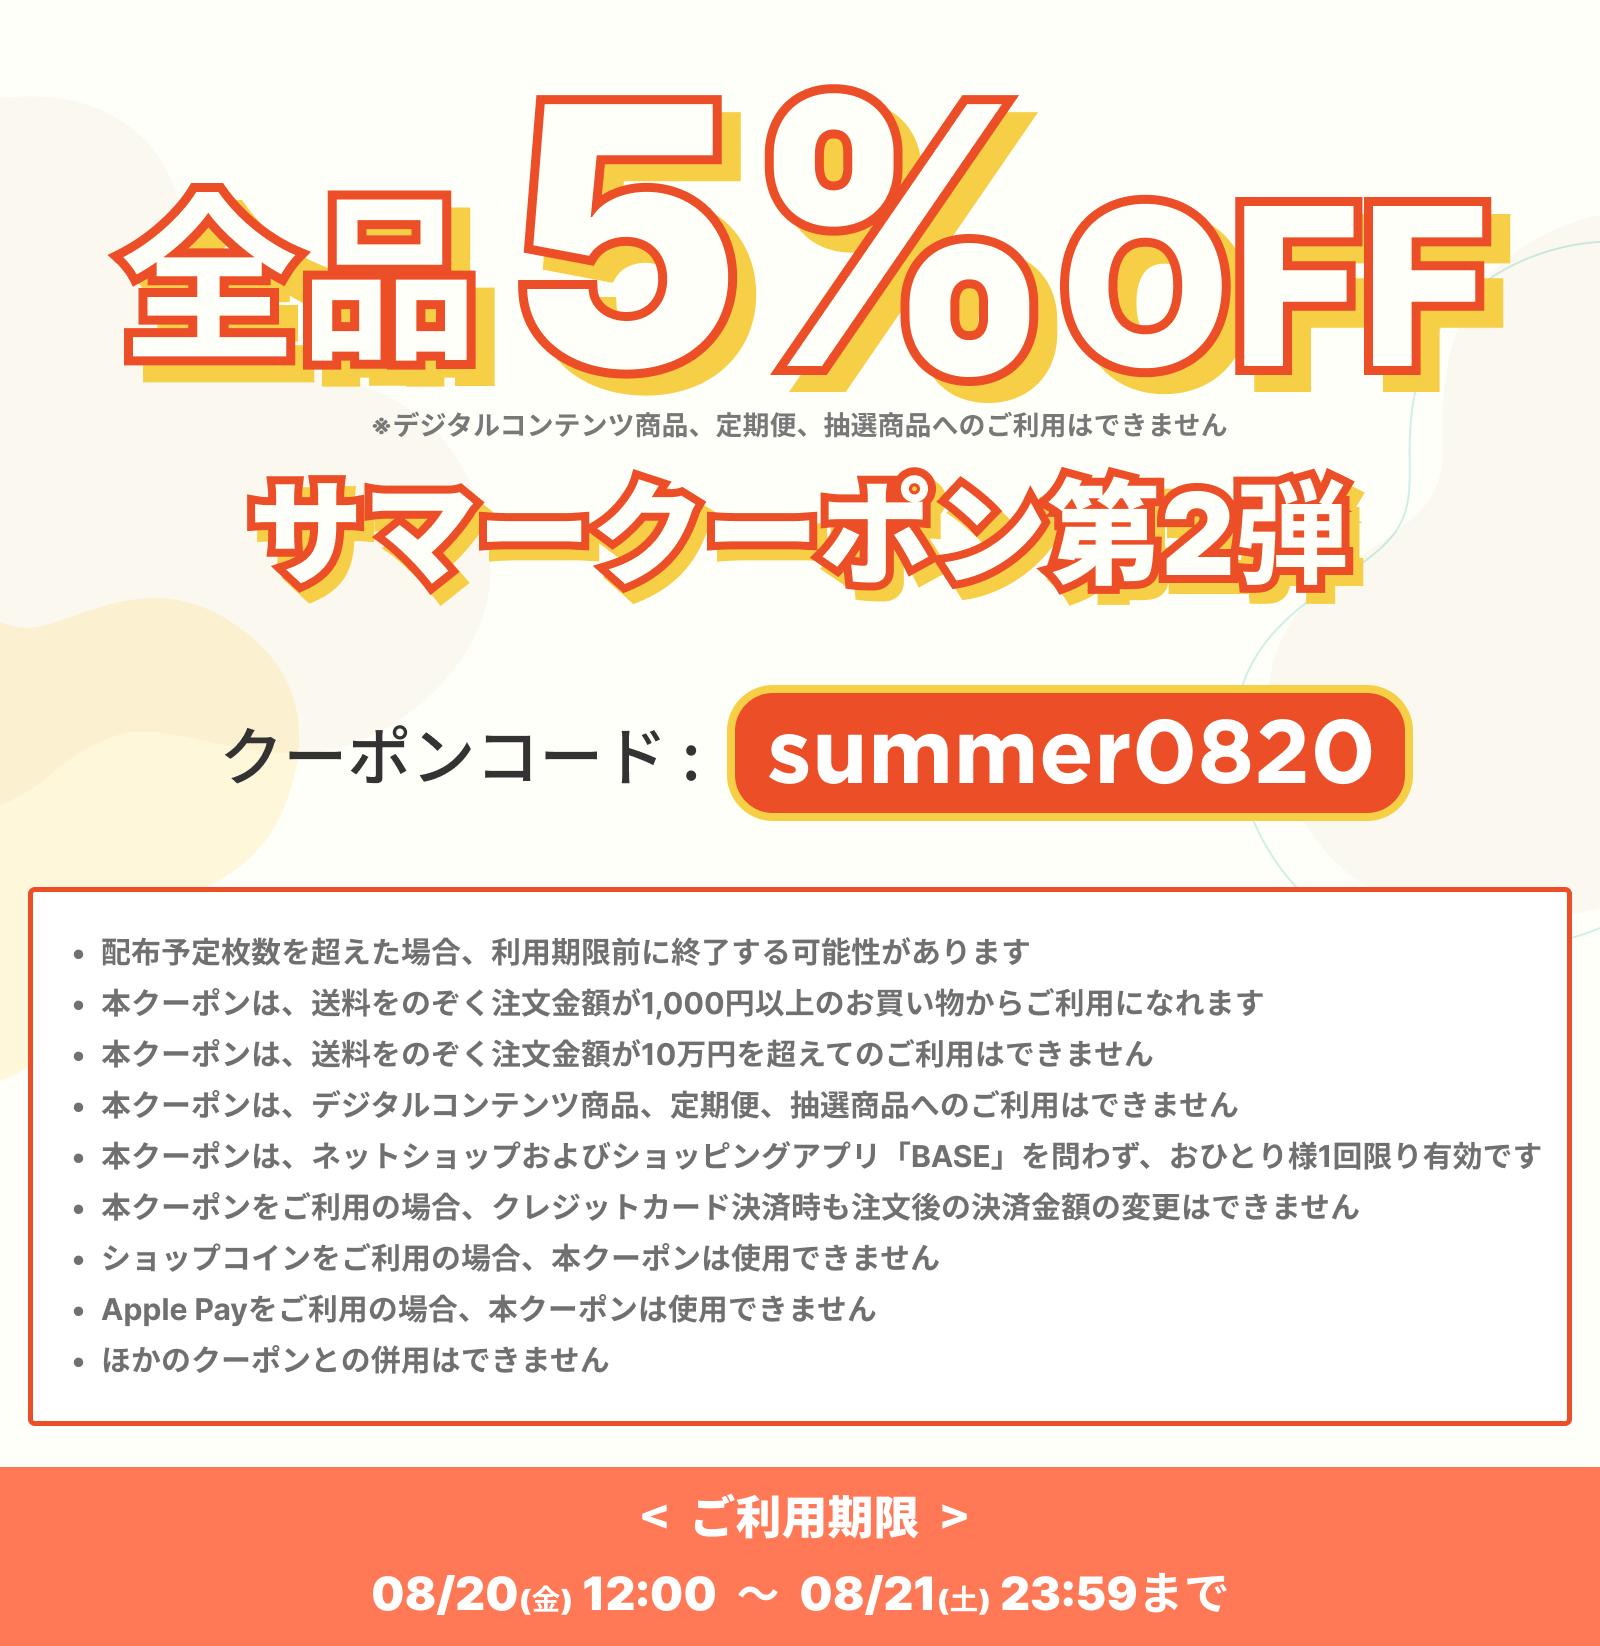 【8/20.21限定!】 「BASE」で使用できる!5%OFFサマークーポン発行